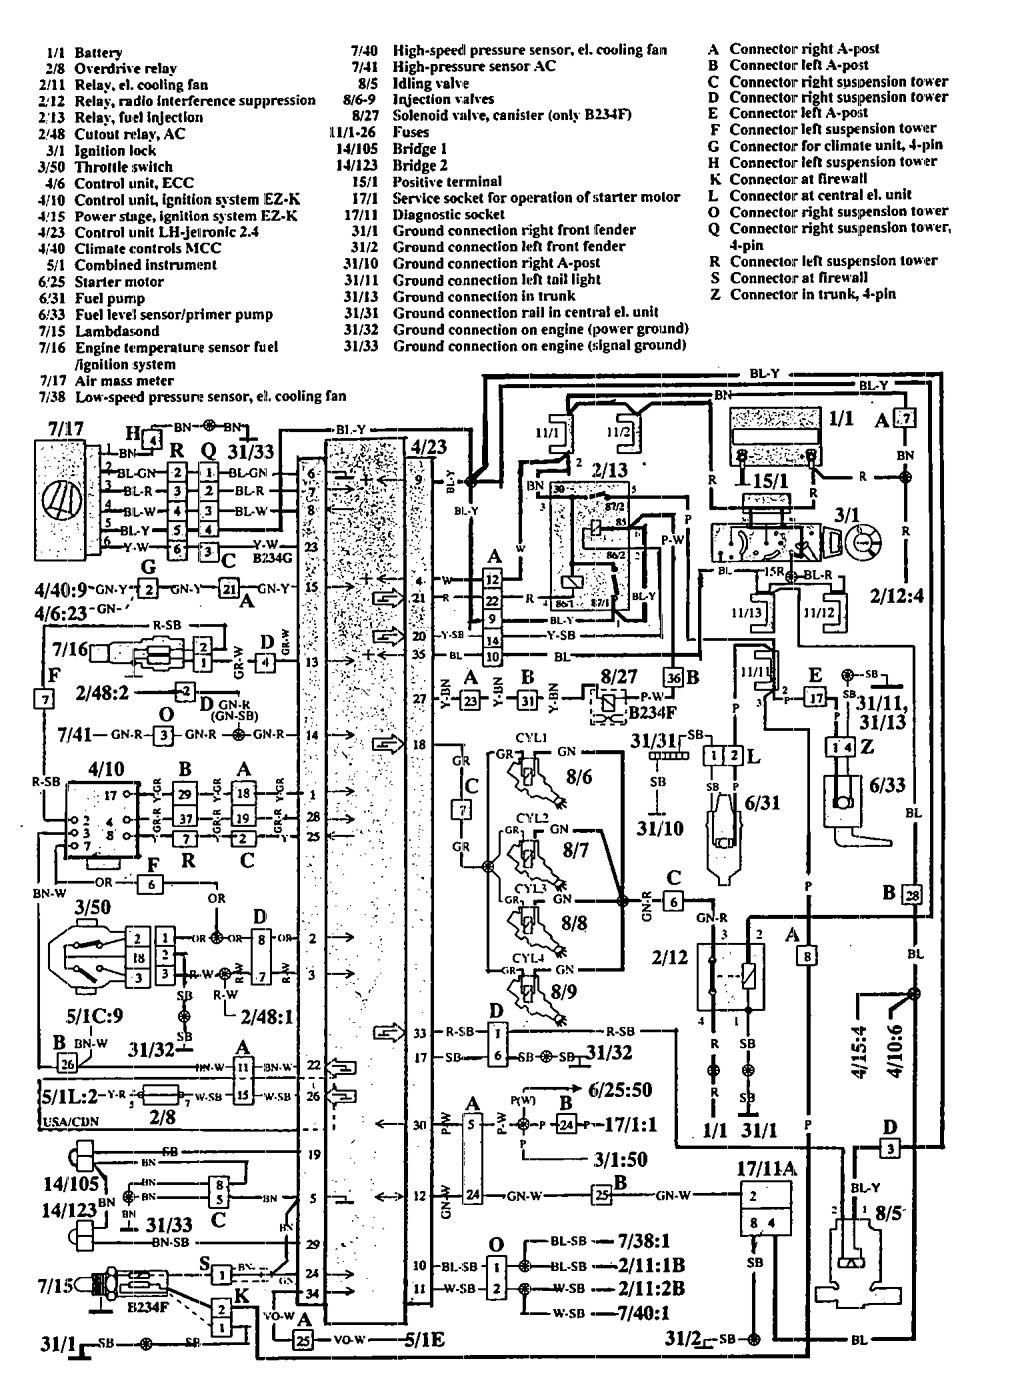 1992 Volvo 940 Gla C Wiring Diagram - Wiring Diagram Schema